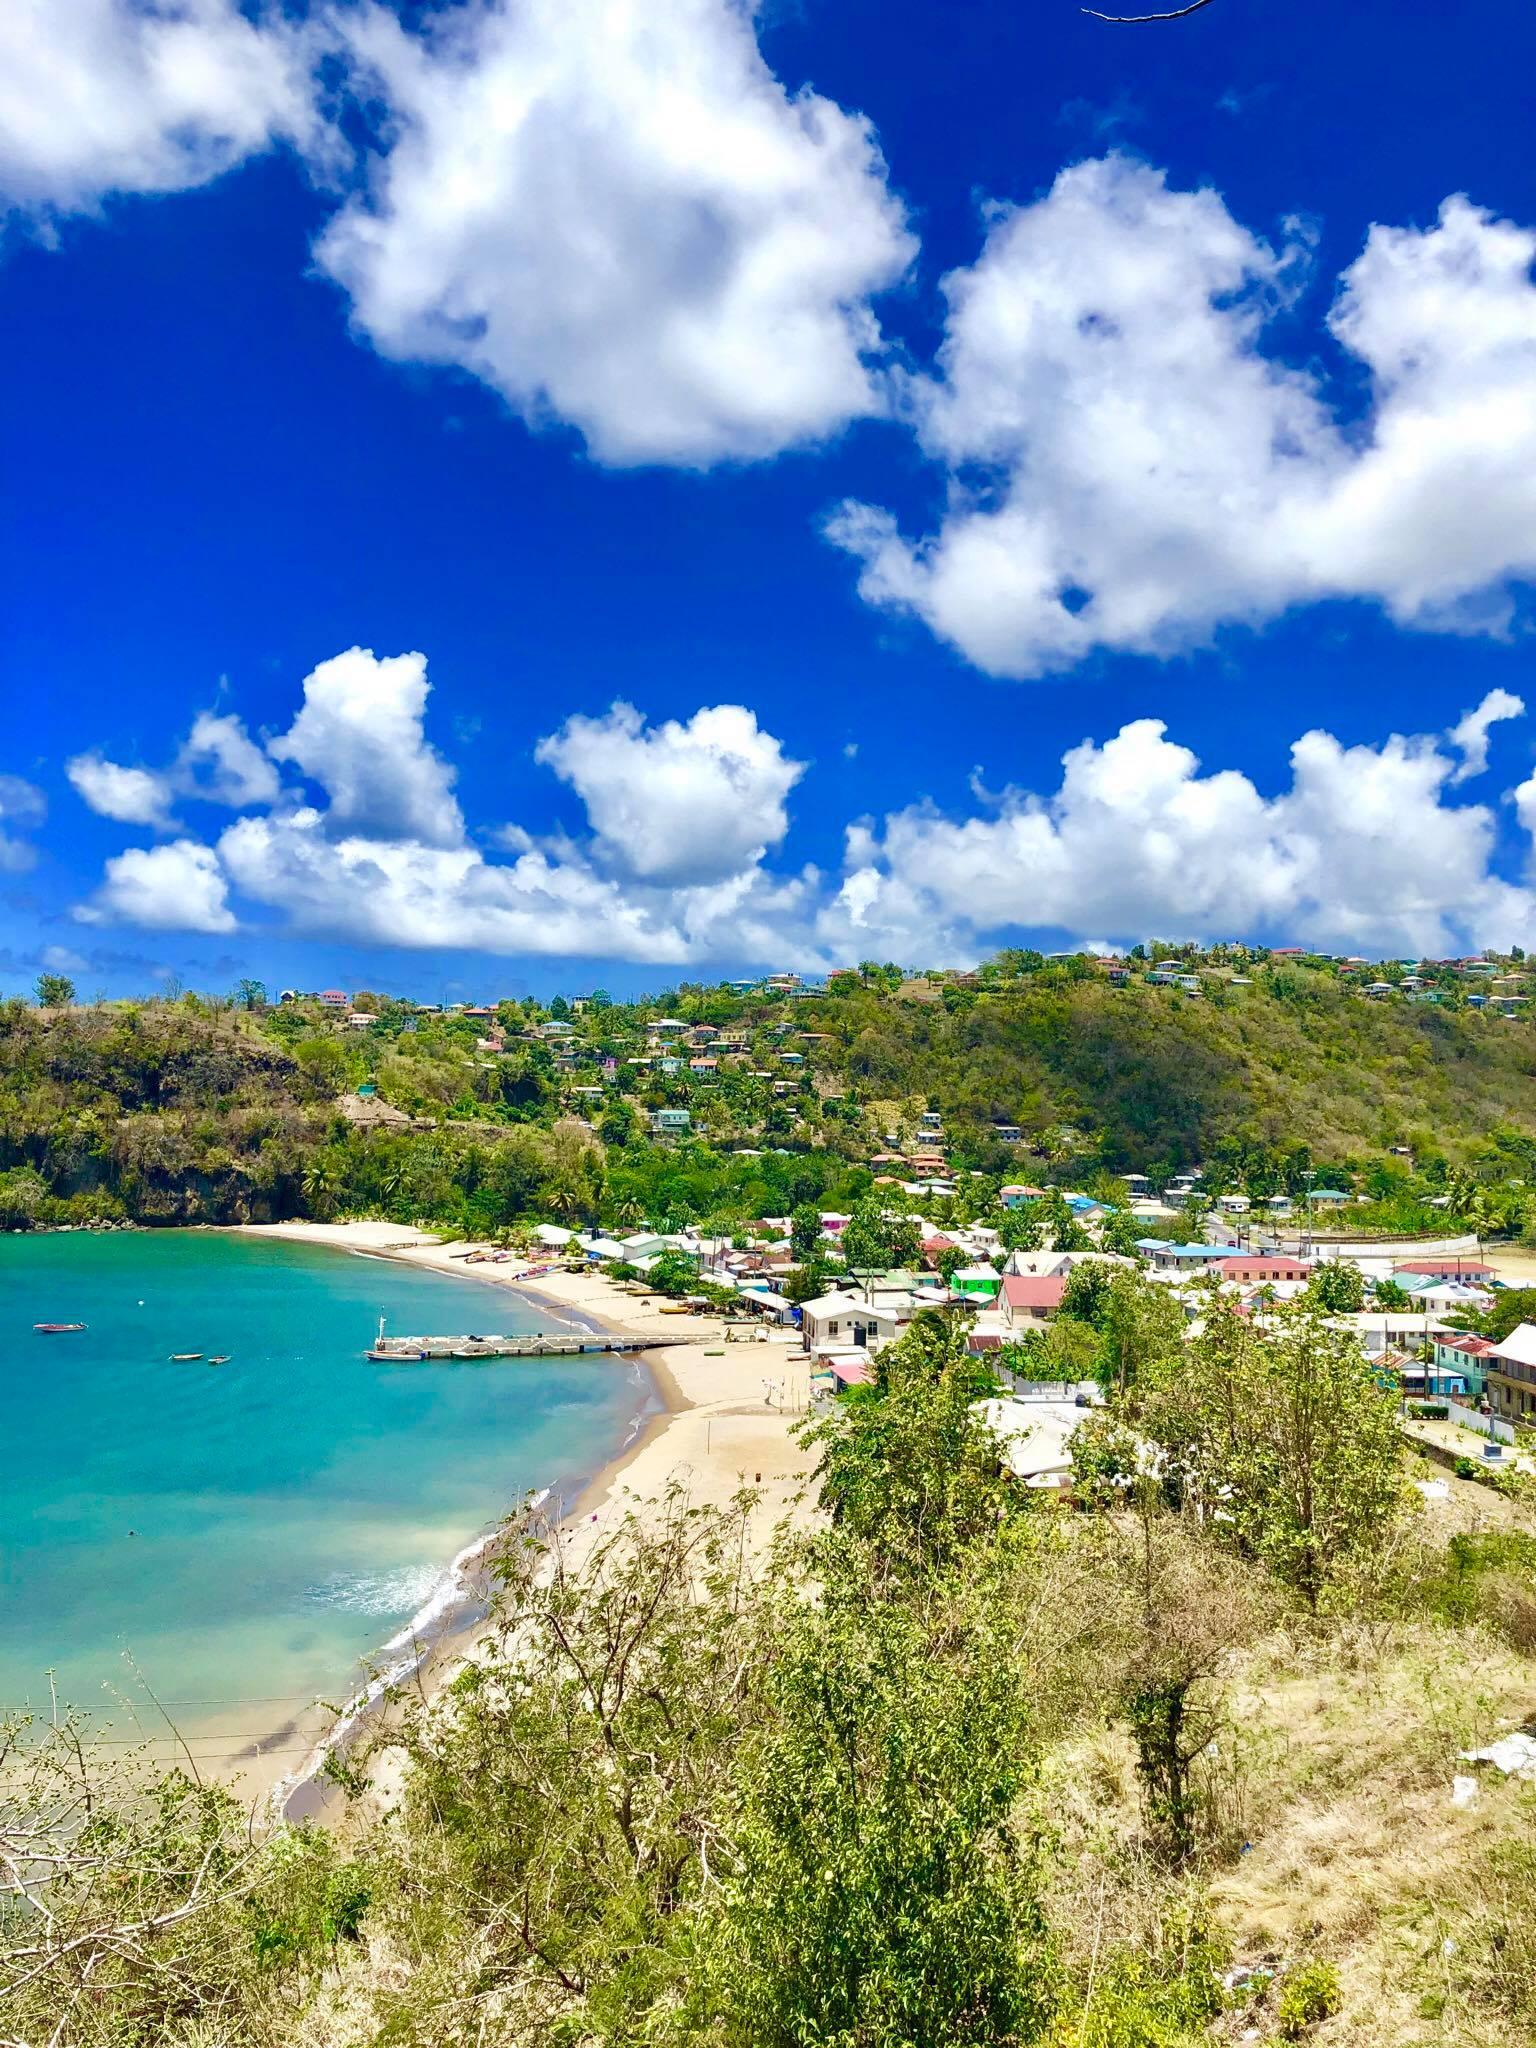 Kach Solo Travels in 2019 Beautiful St Lucia24.jpg